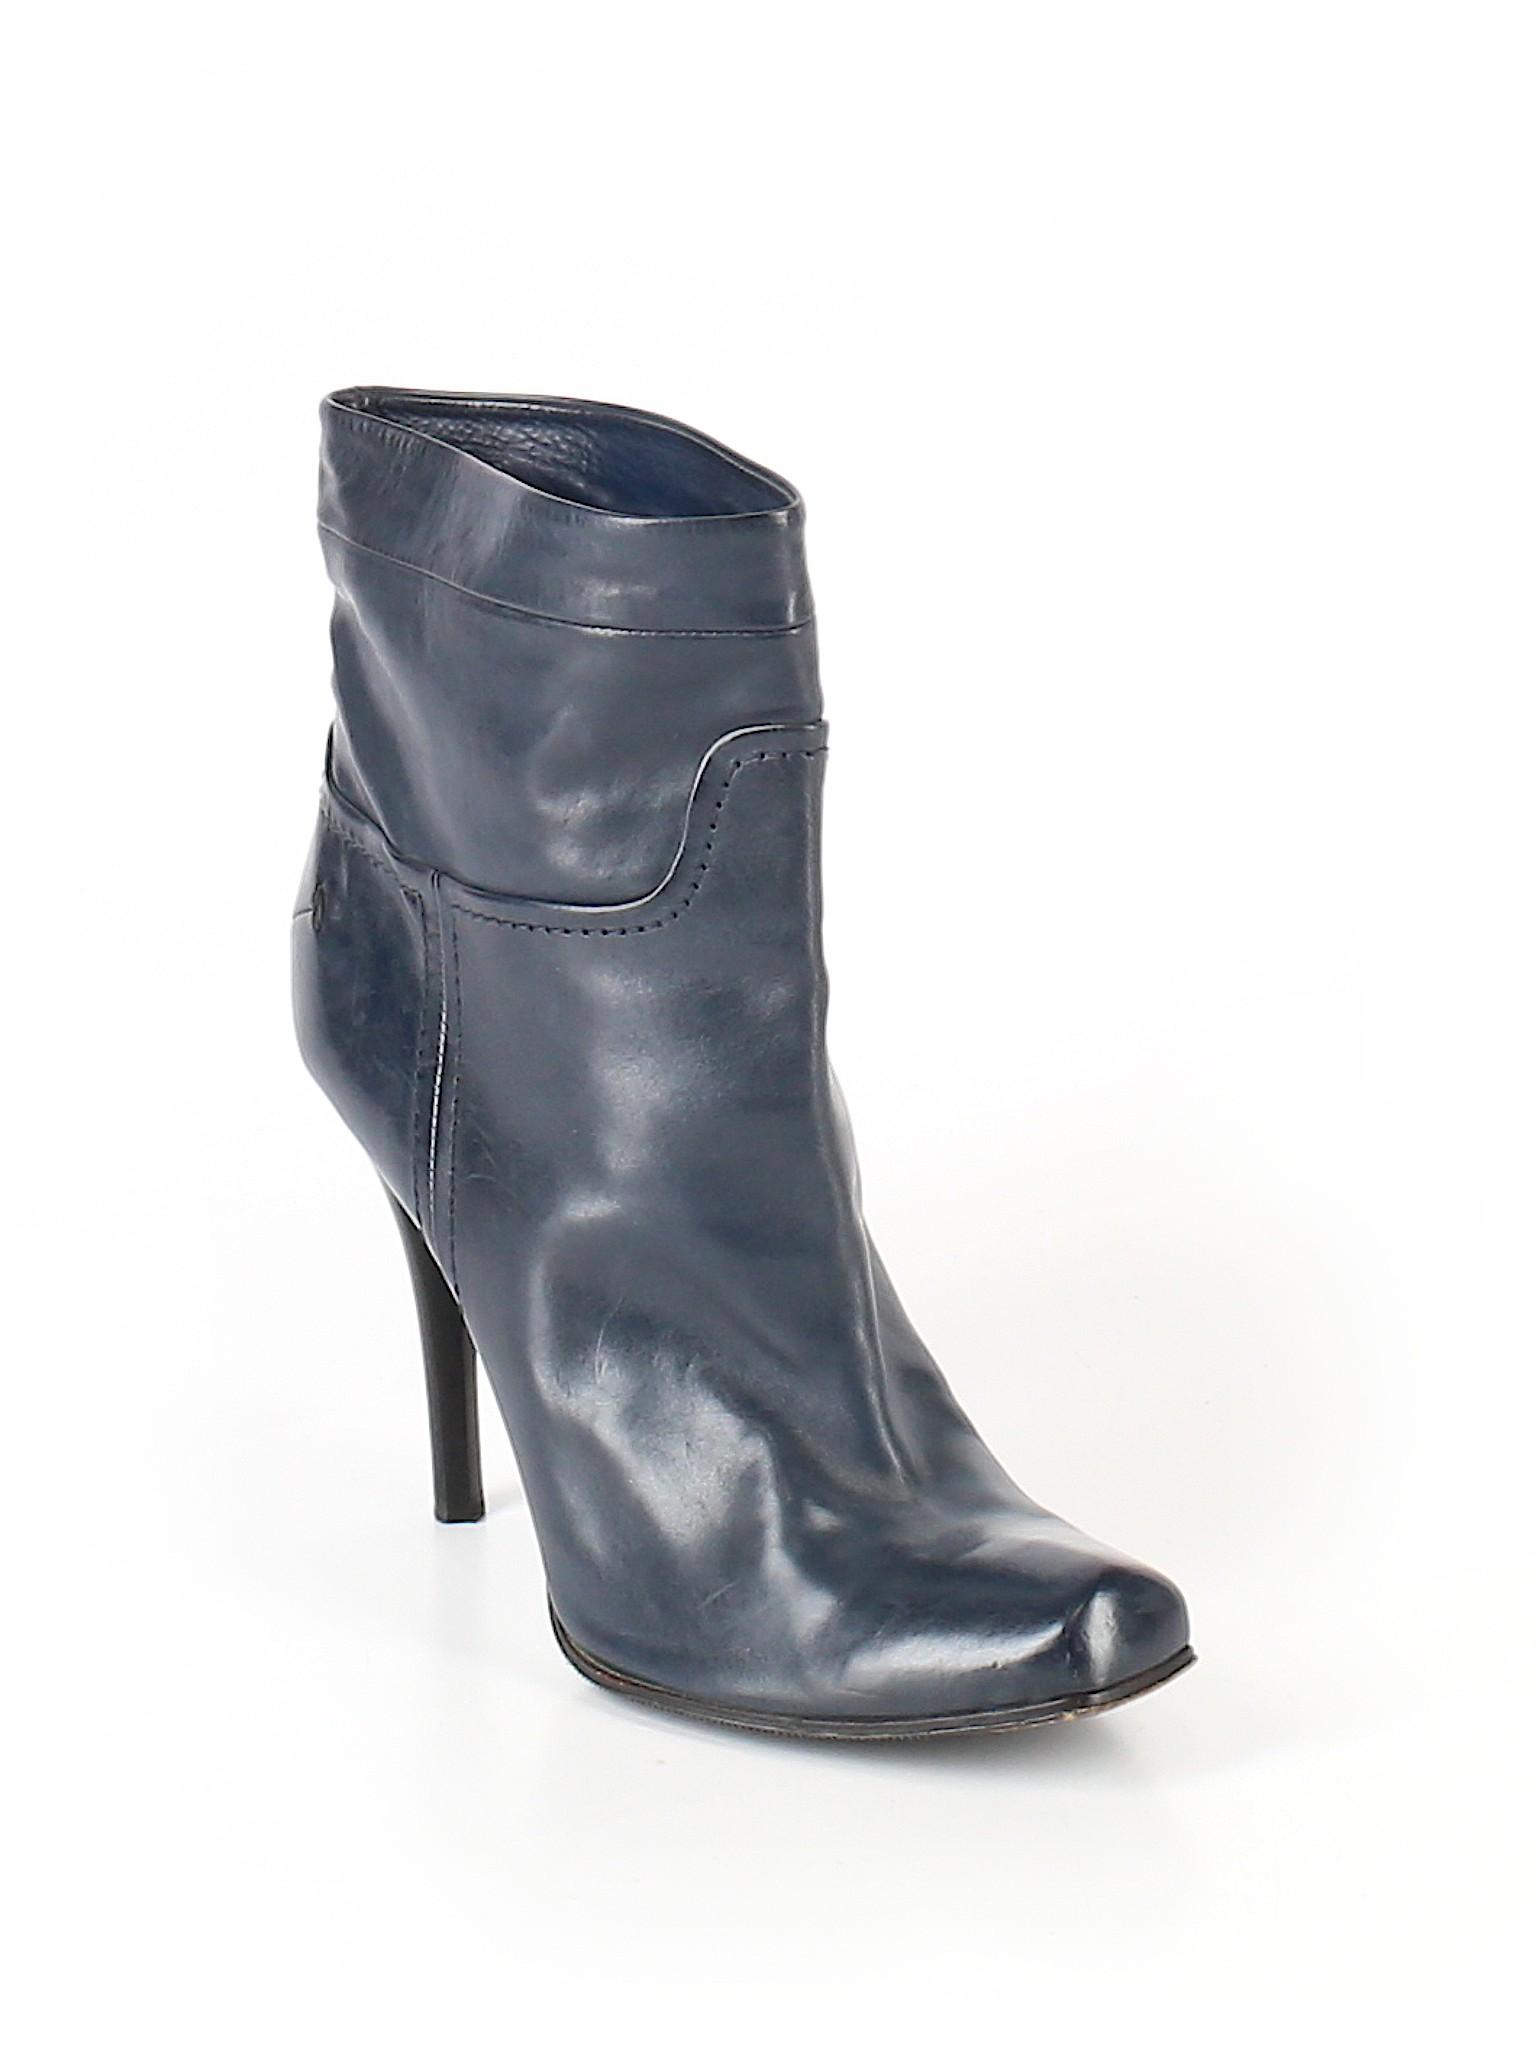 Boutique Boots Boutique promotion National promotion Costume 48w5FqX5